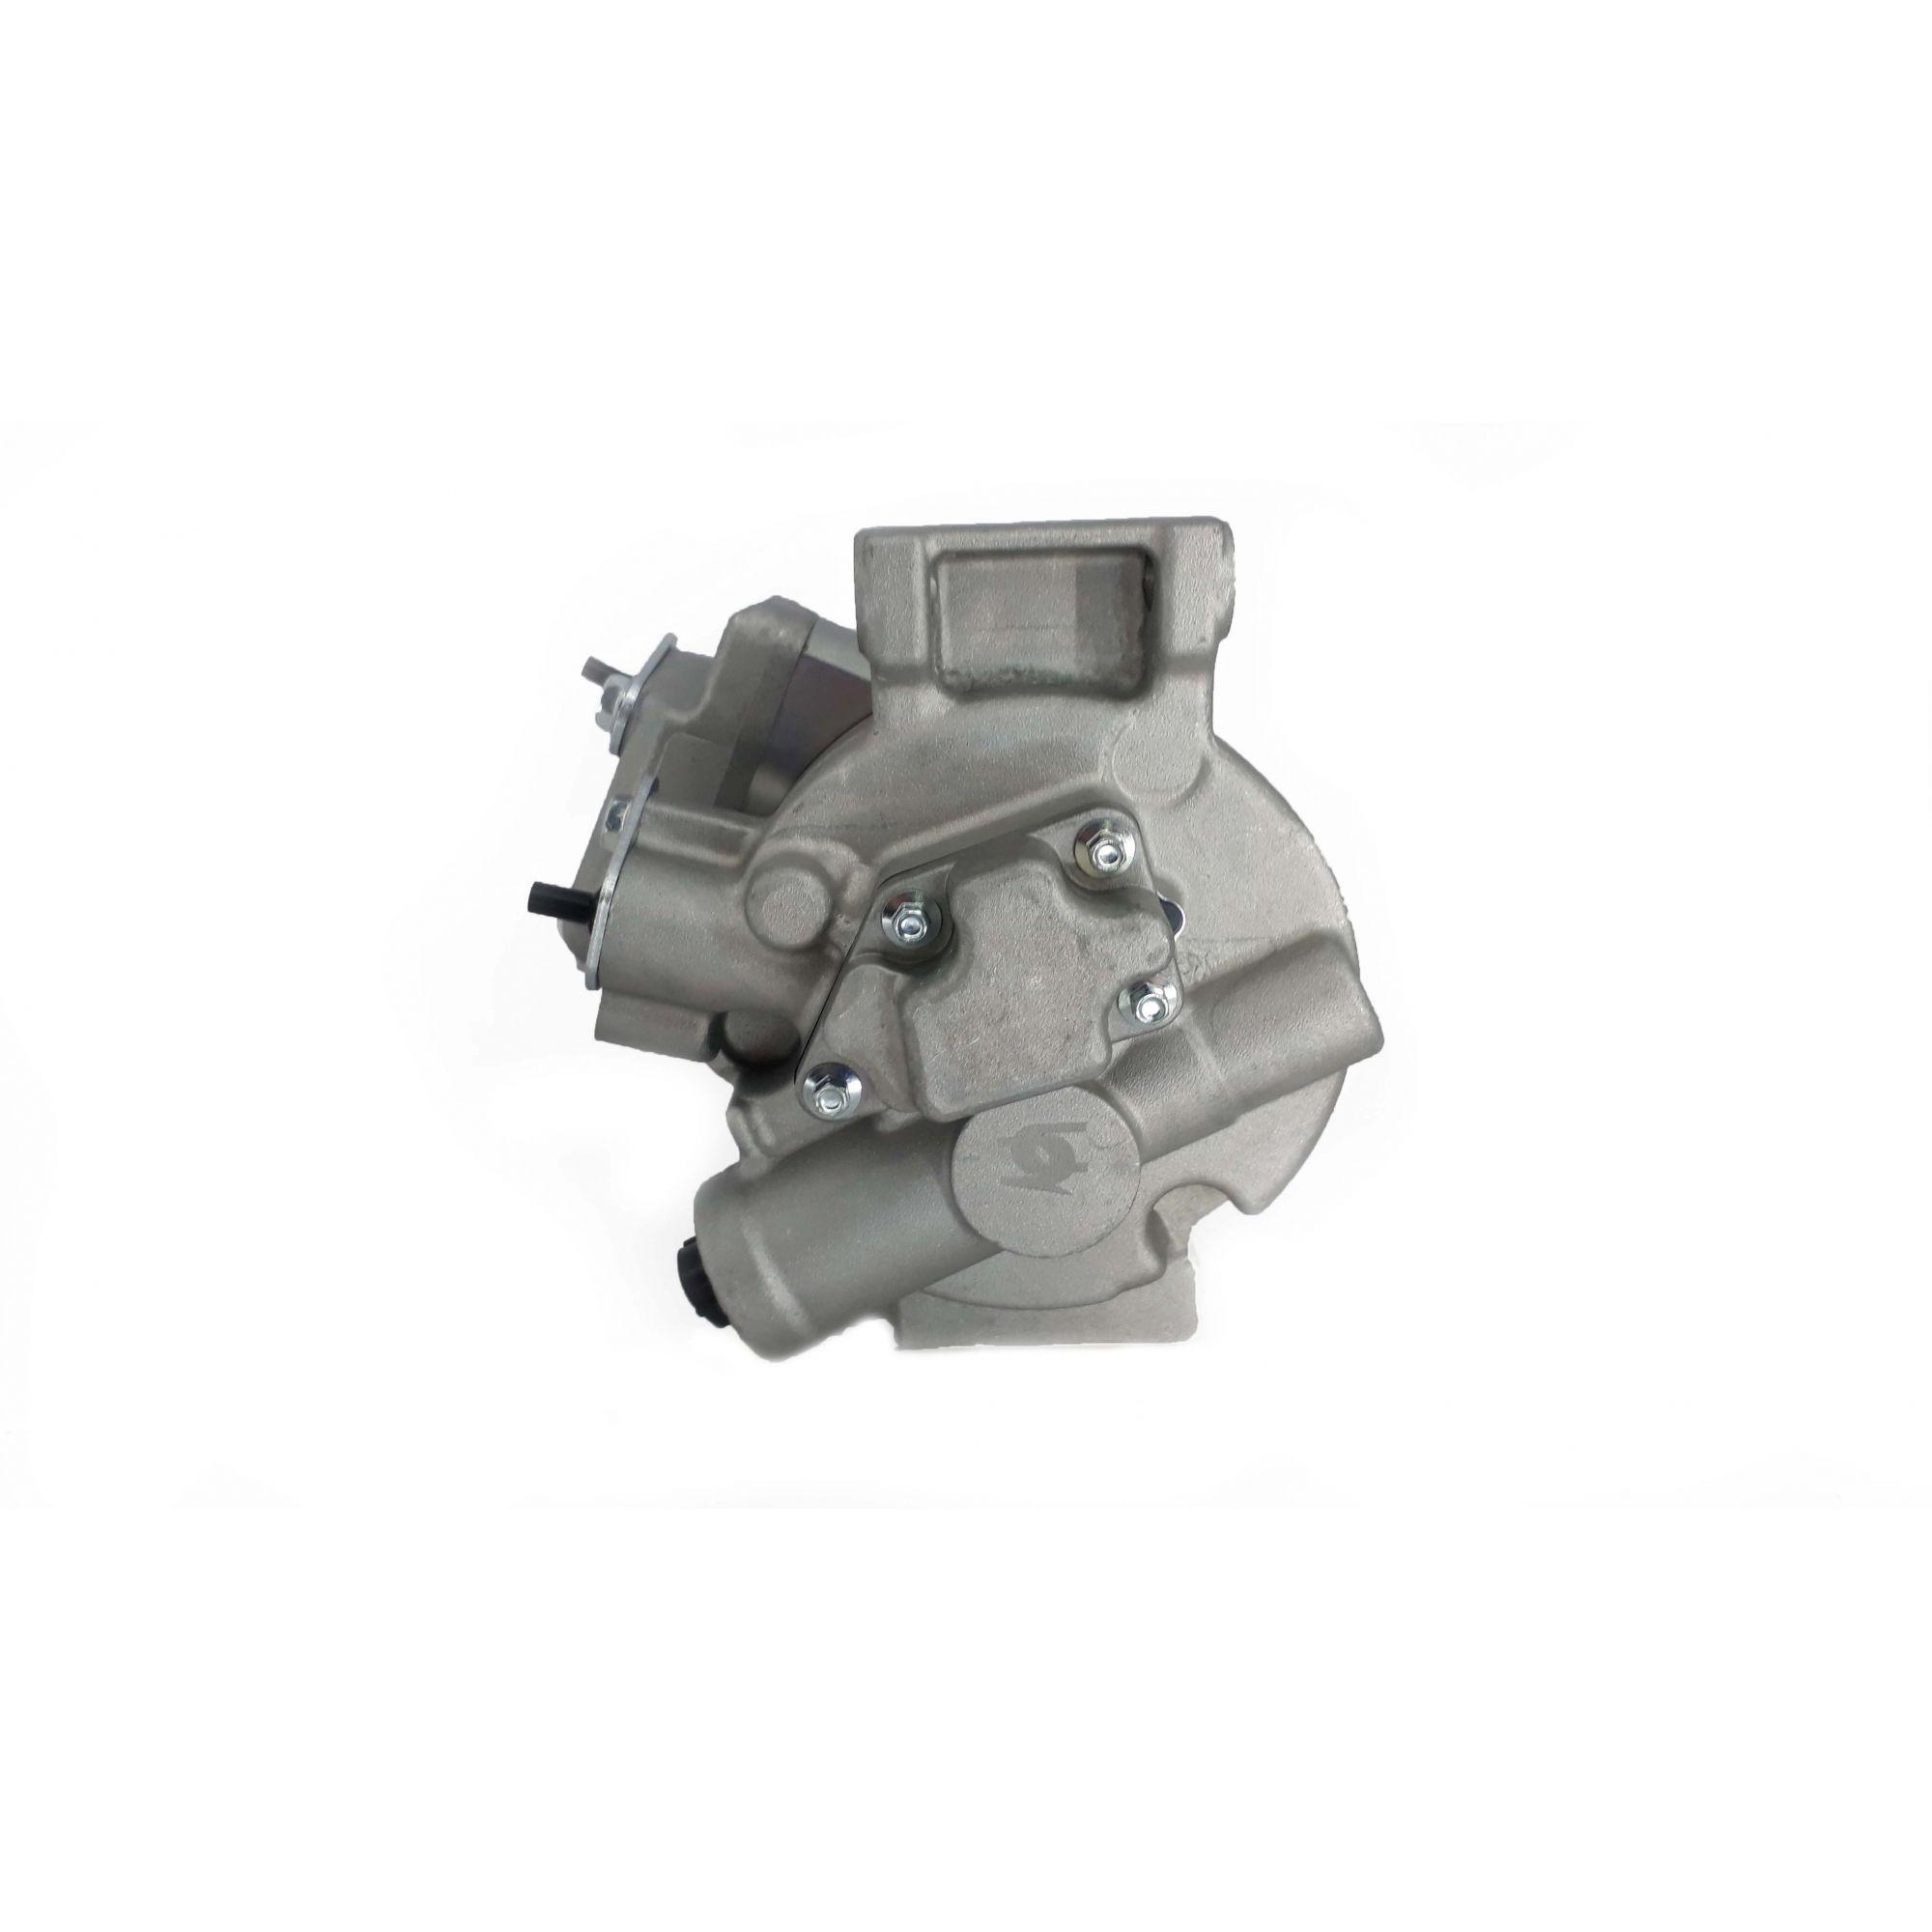 Compressor Corolla 2.0 2010 Até 2014 - Importado